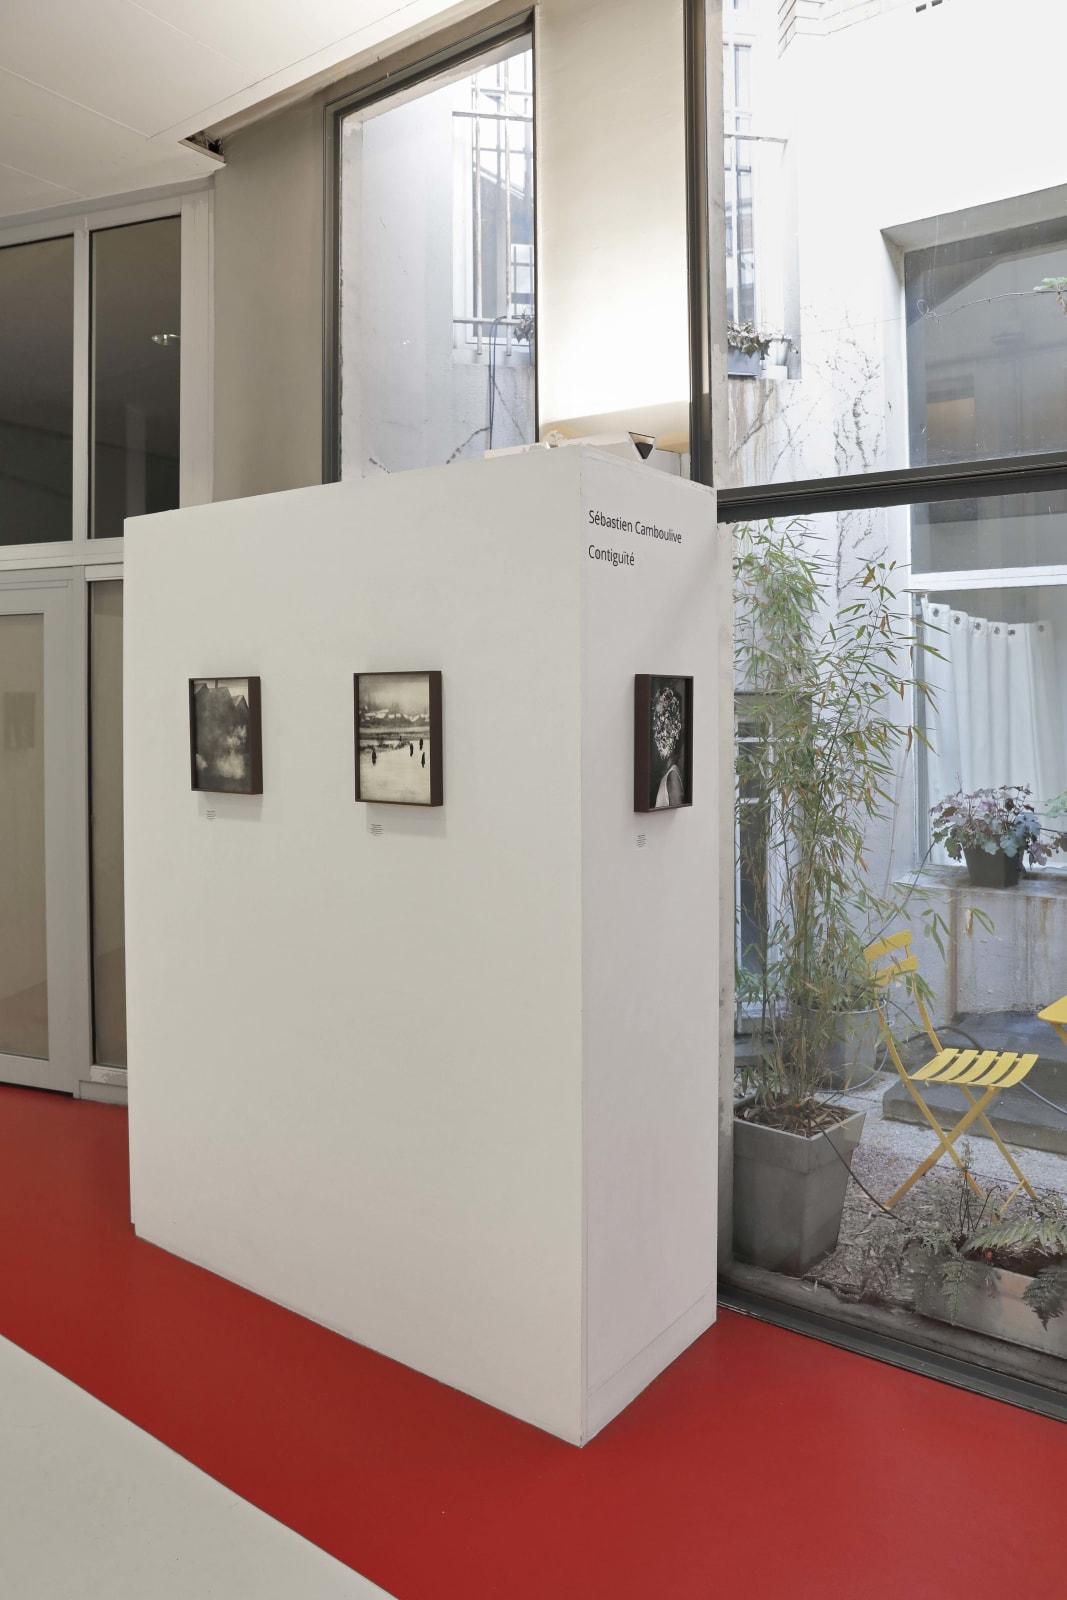 Sébastien Camboulive, Contiguïté, 2019 Les Douches la Galerie, Paris